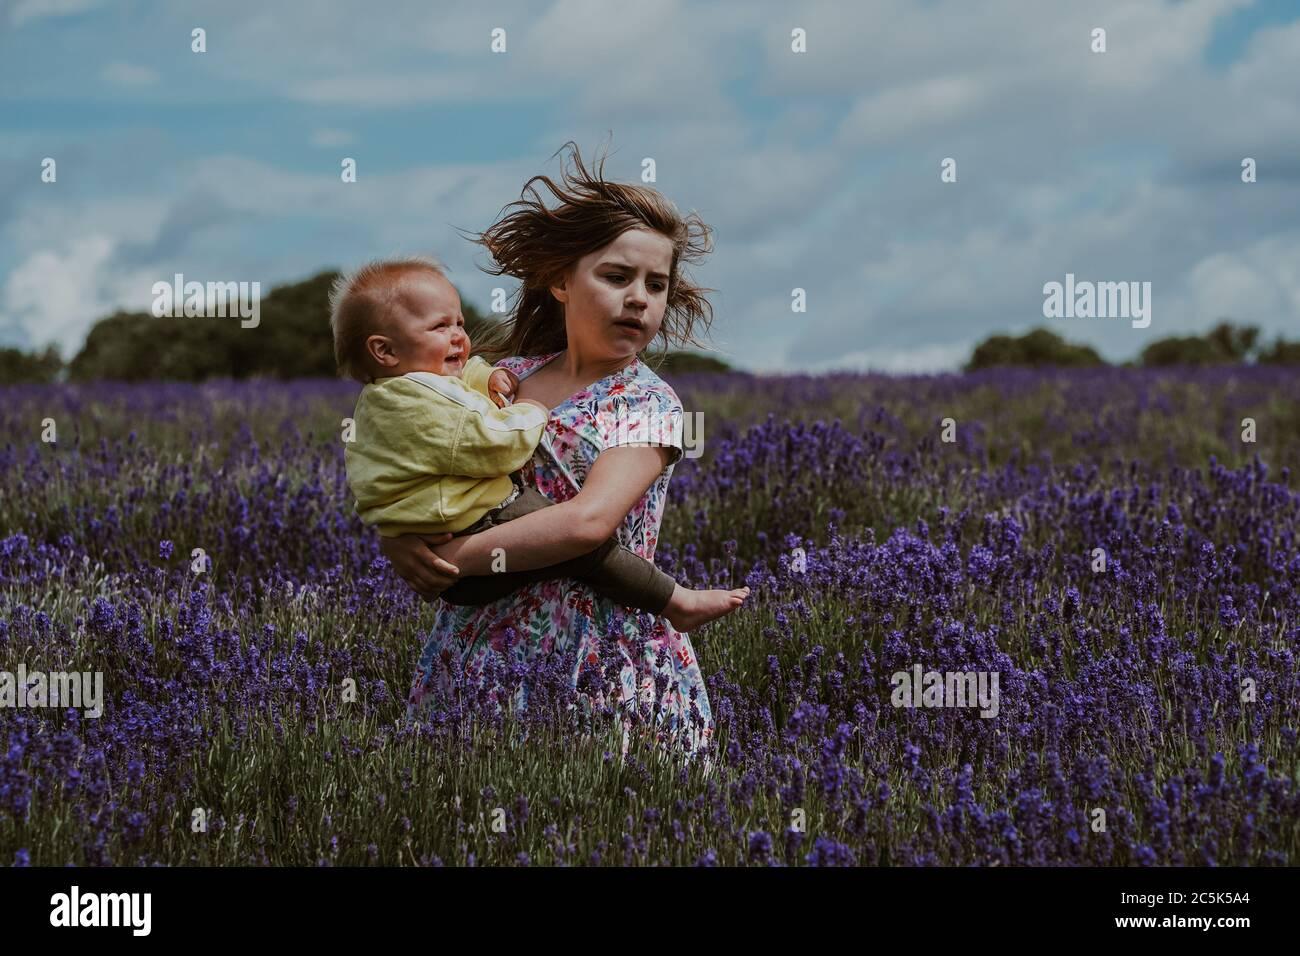 Sœur aînée et petit frère à Lavender Field, Royaume-Uni Banque D'Images